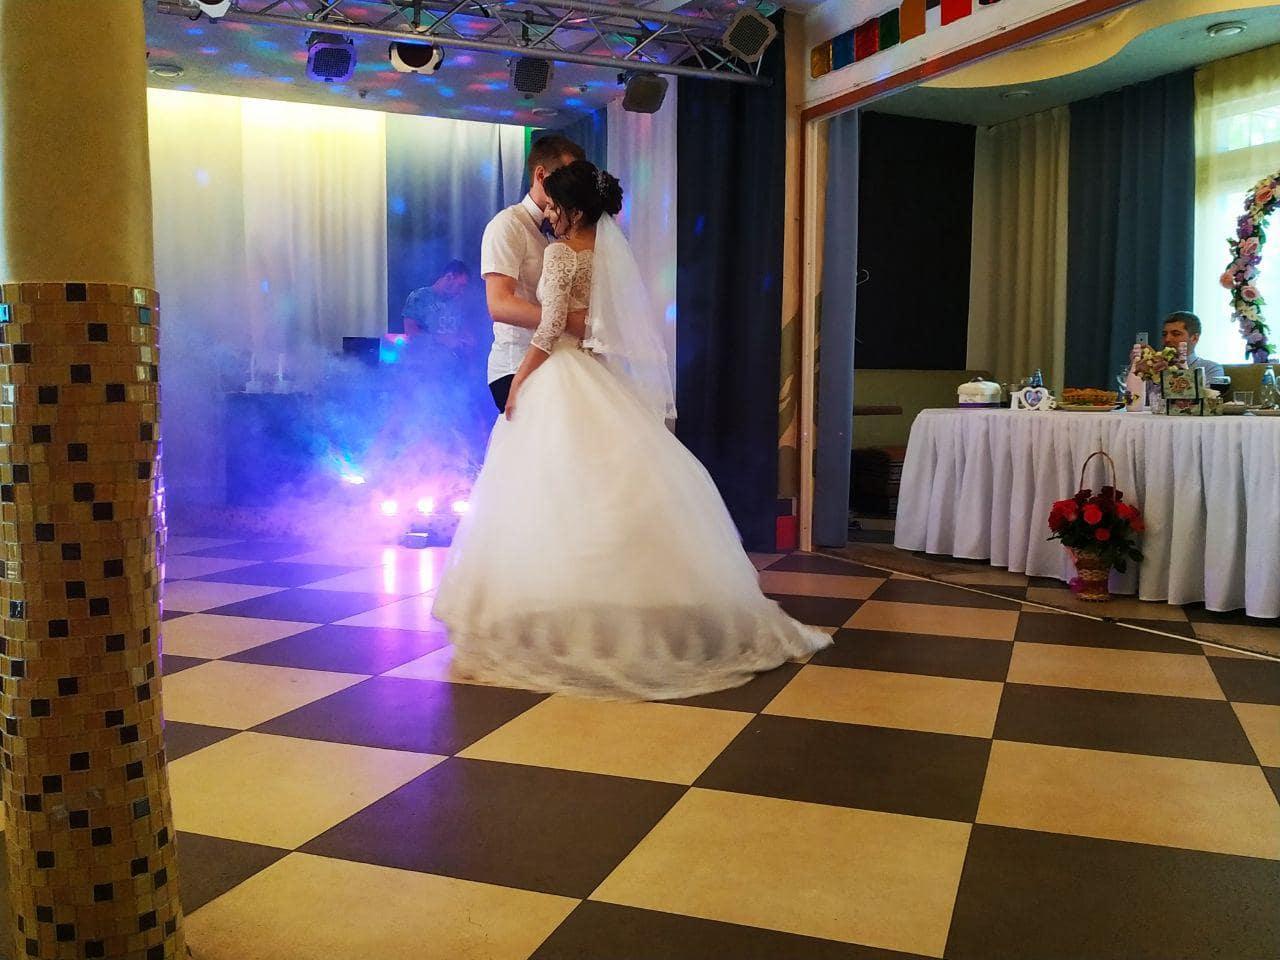 свадьба в кафе карусель